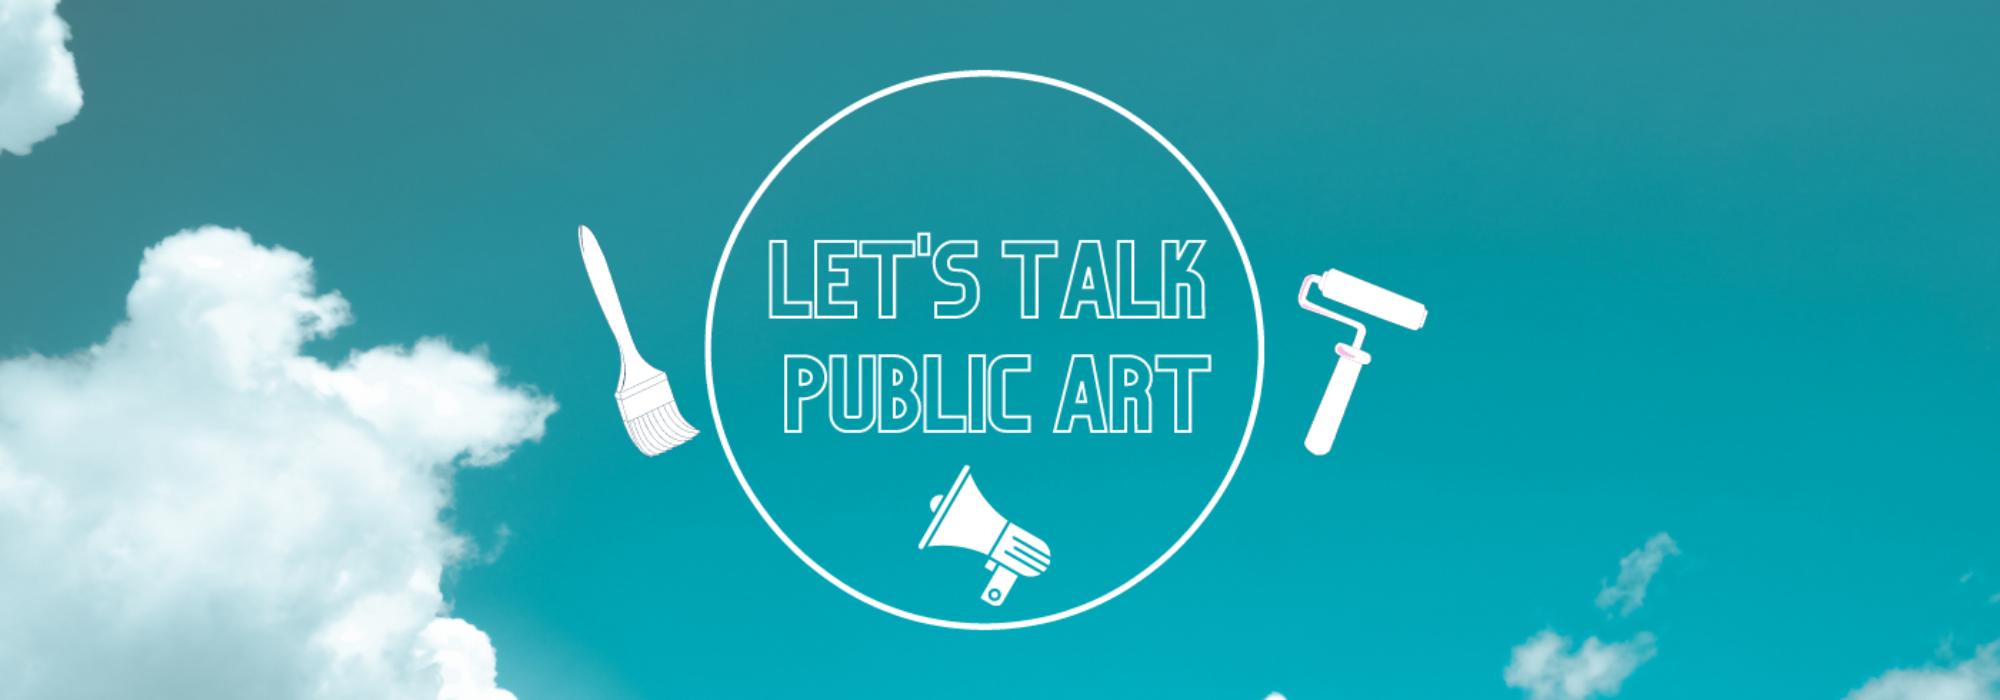 Let's Talk Public Art